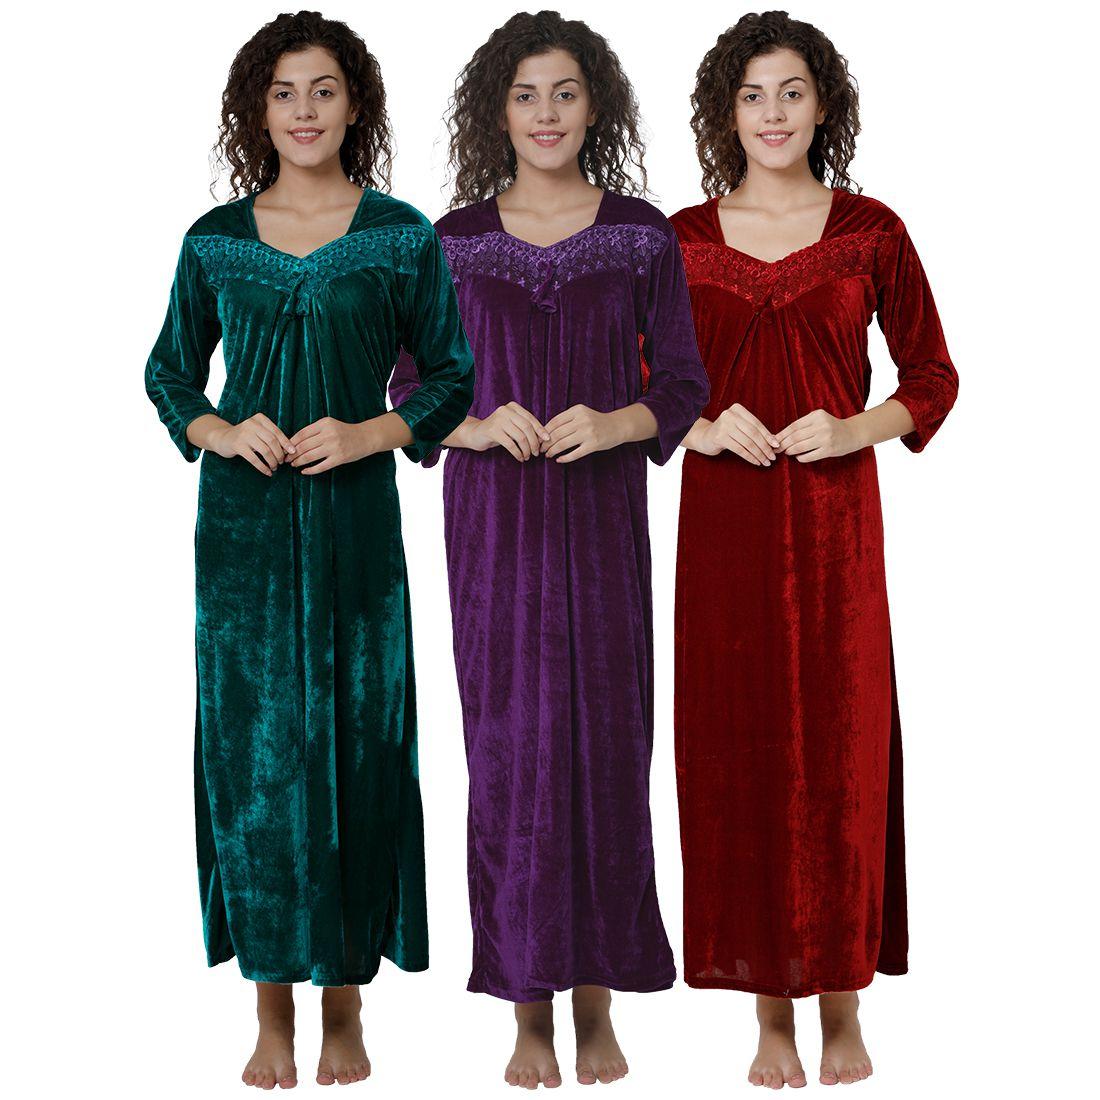 Gospel Velvet Nighty & Night Gowns - Multi Color